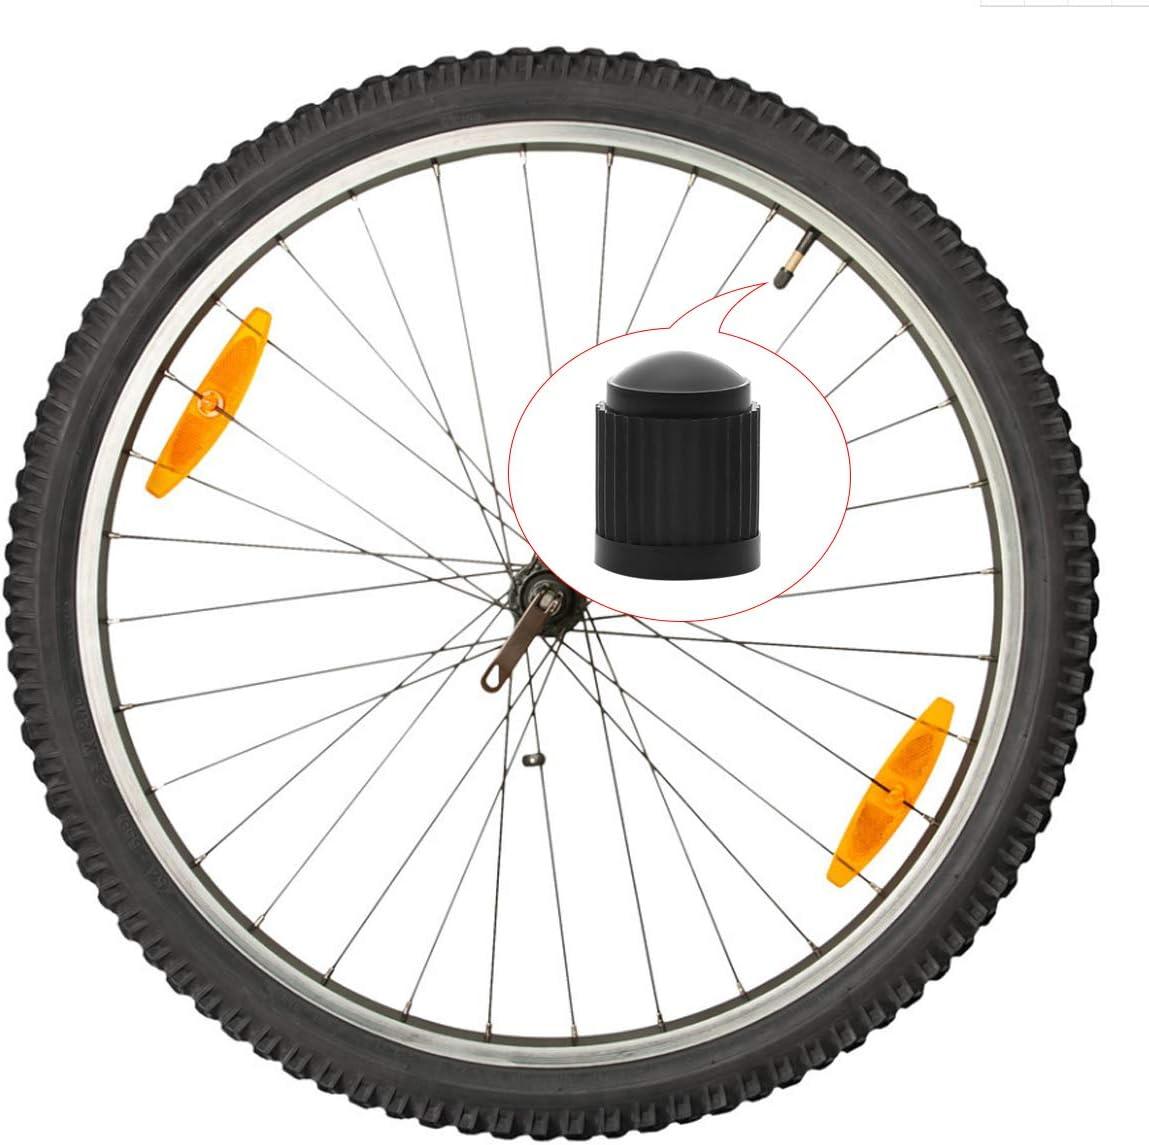 Schwarz LKW Motorrad Kunststoff Auto Reifen Vorbau Staub Abdeckungen mit Dichtring f/ür SUV Natuce 8 St/ück Reifen Ventilkappen Fahrrad